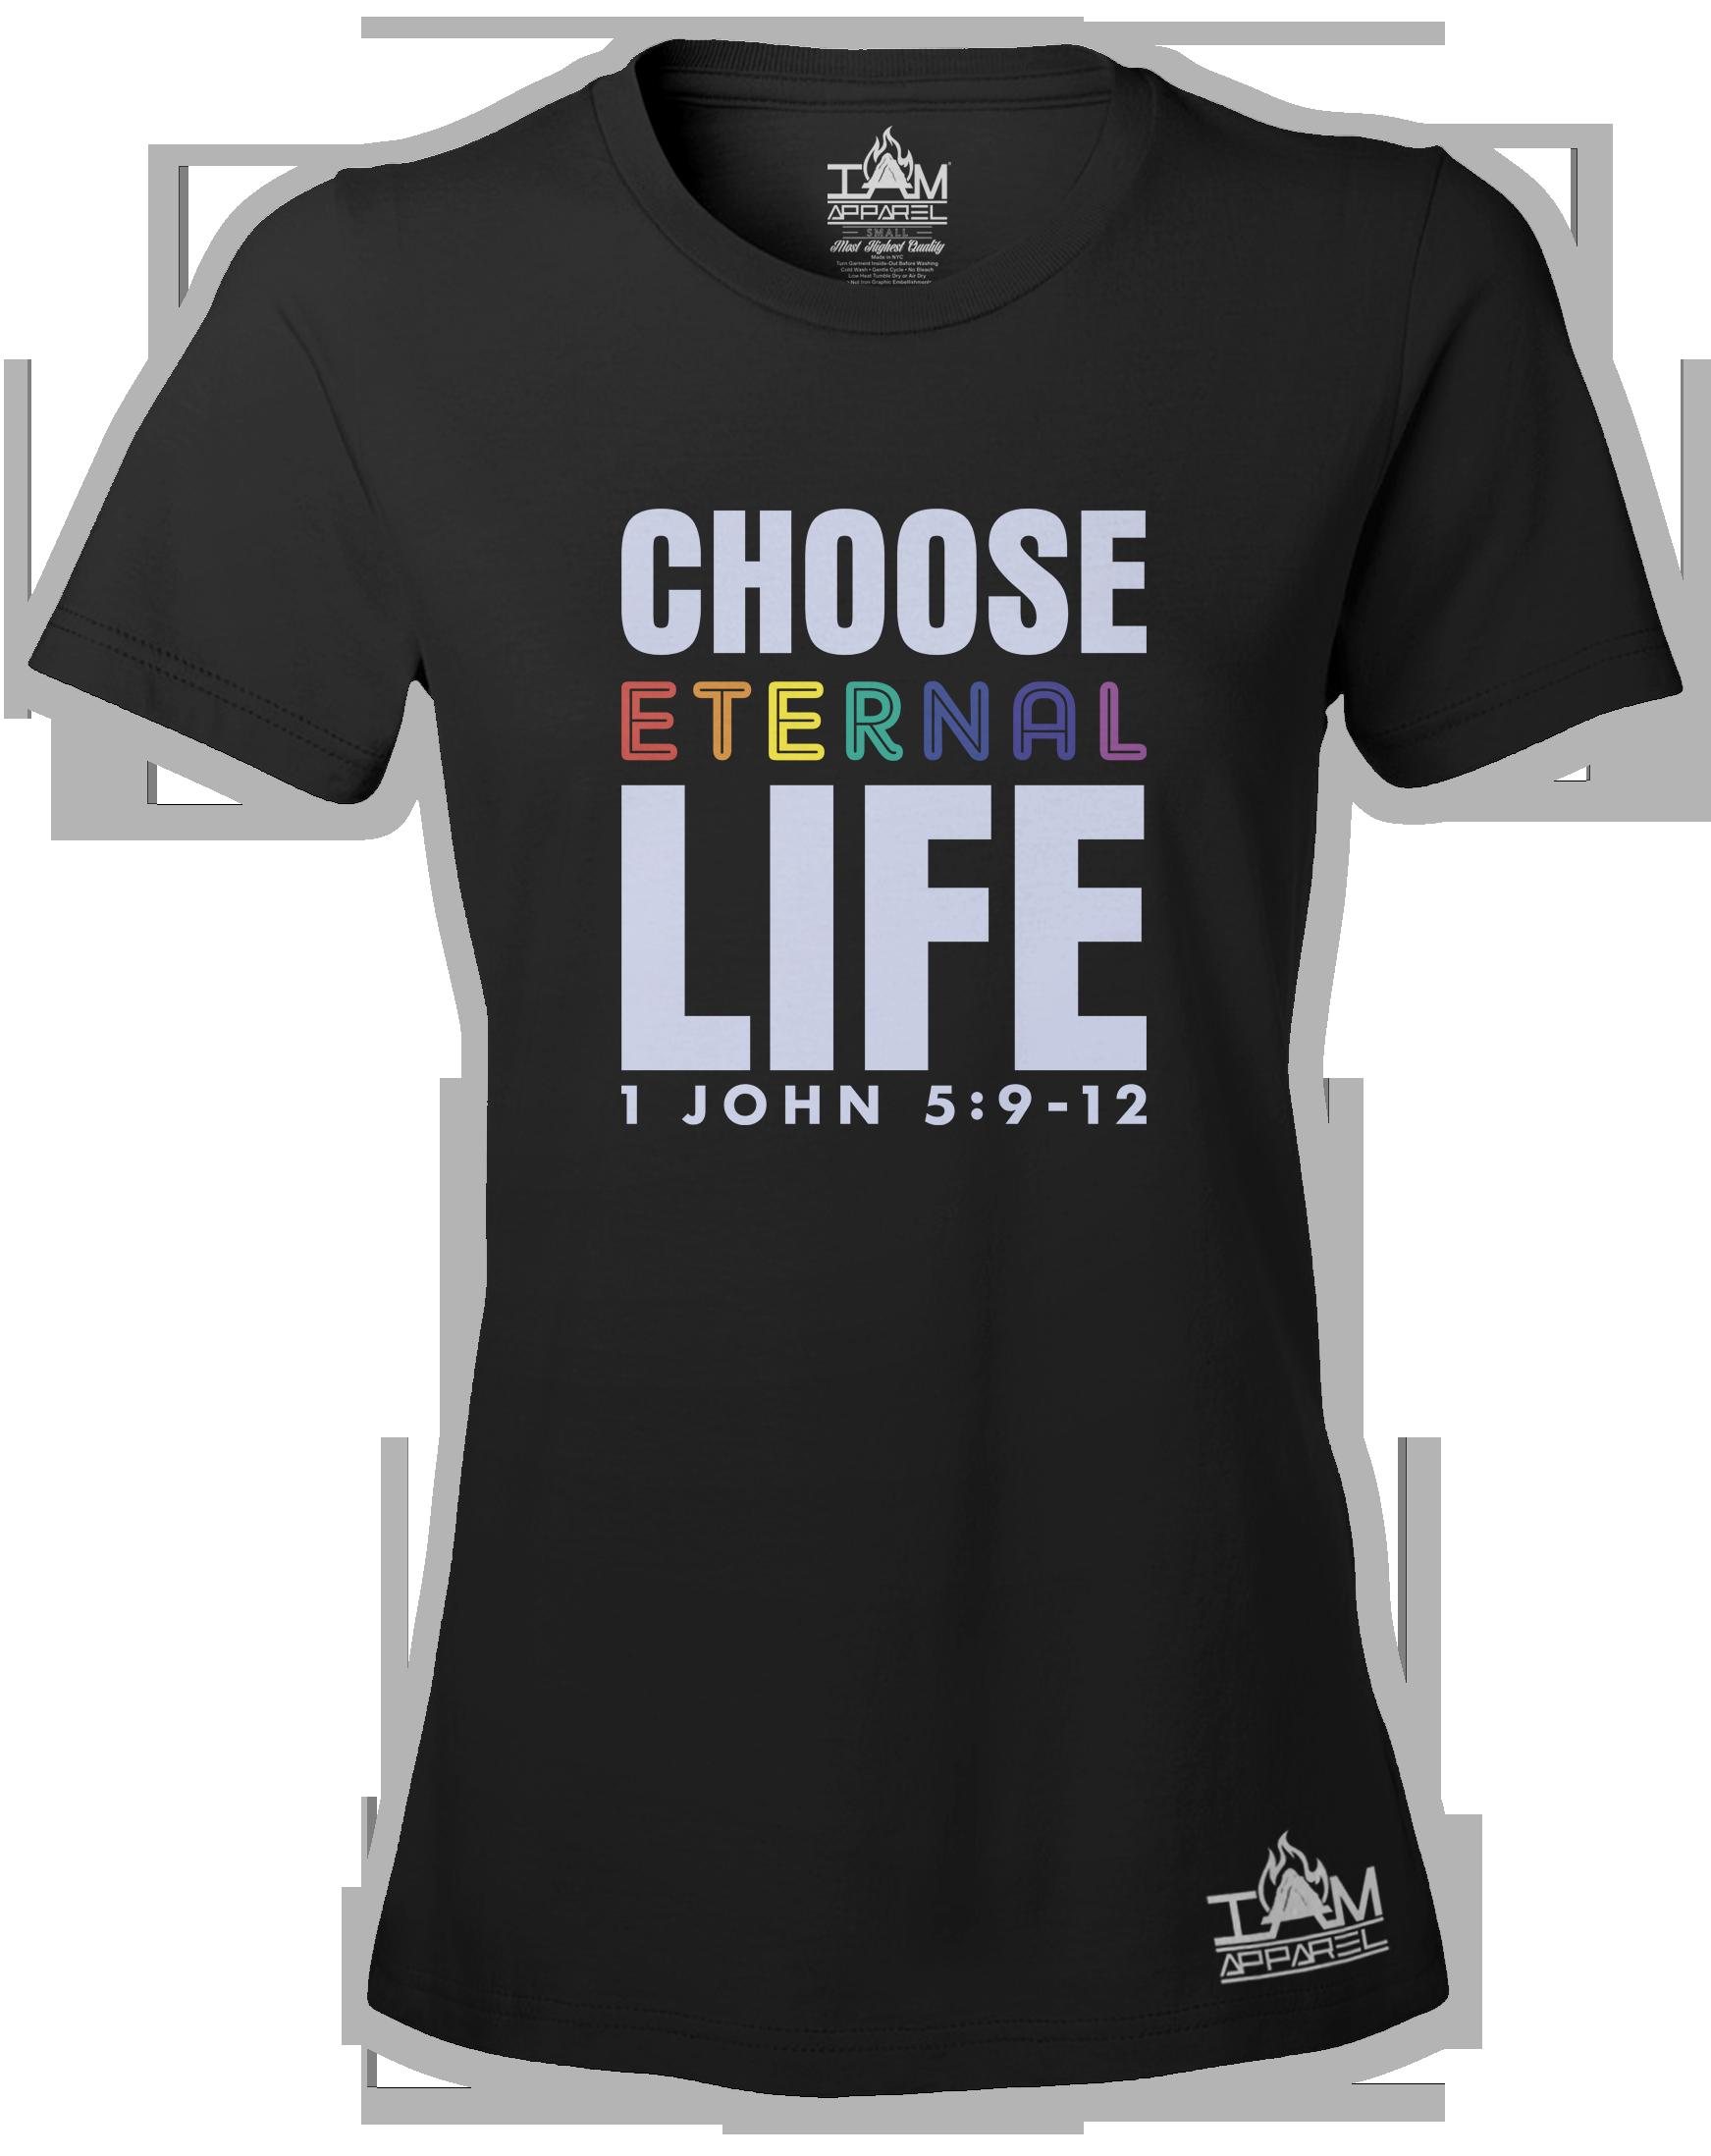 Women's Short Sleeved Choose Eternal Life T-shirt 00069